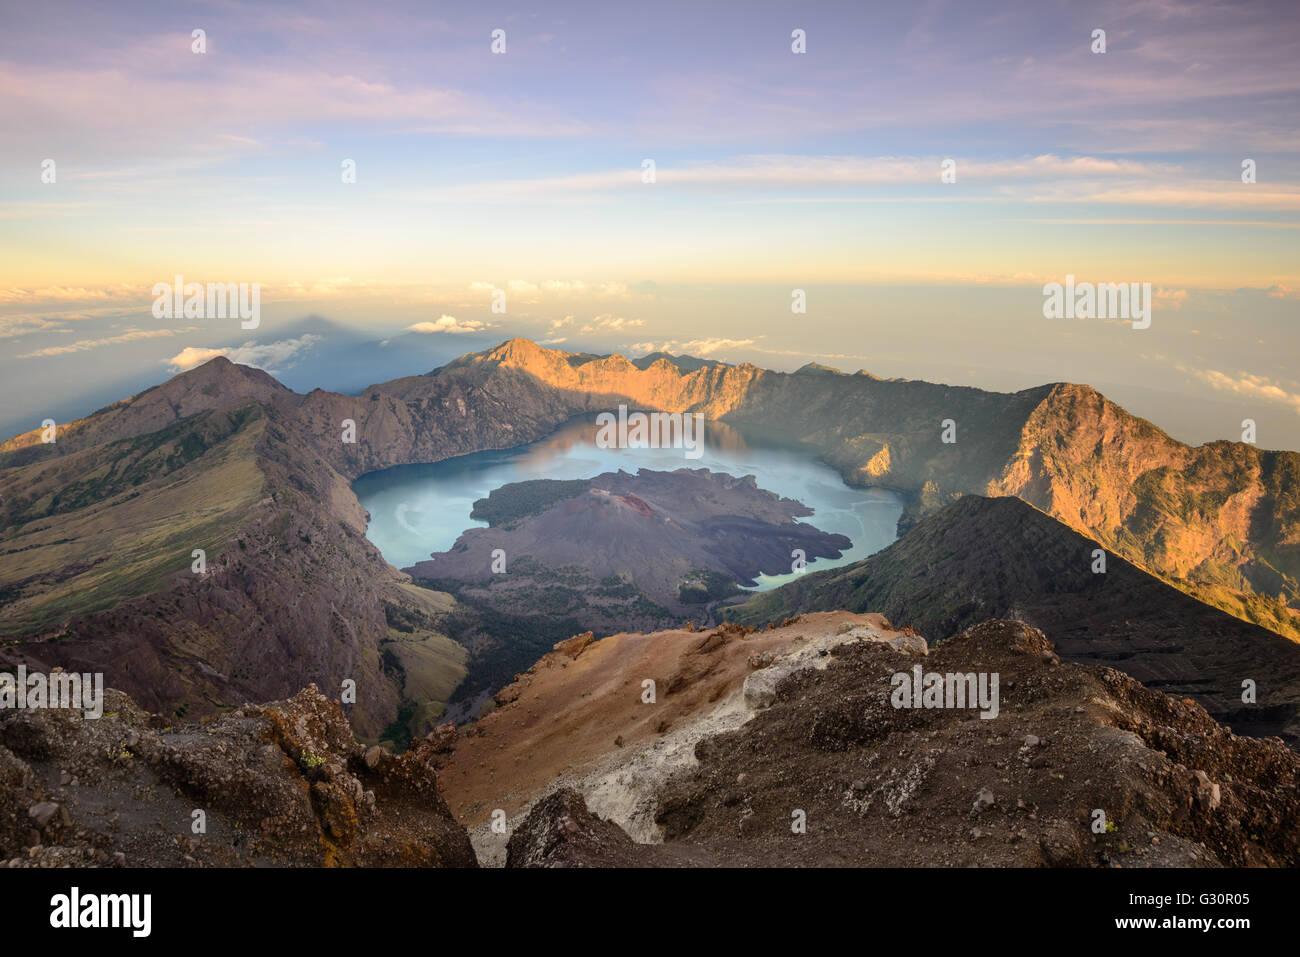 El Mt. Rinjani cráter y una sombra proyectada desde el pico al amanecer. Foto de stock